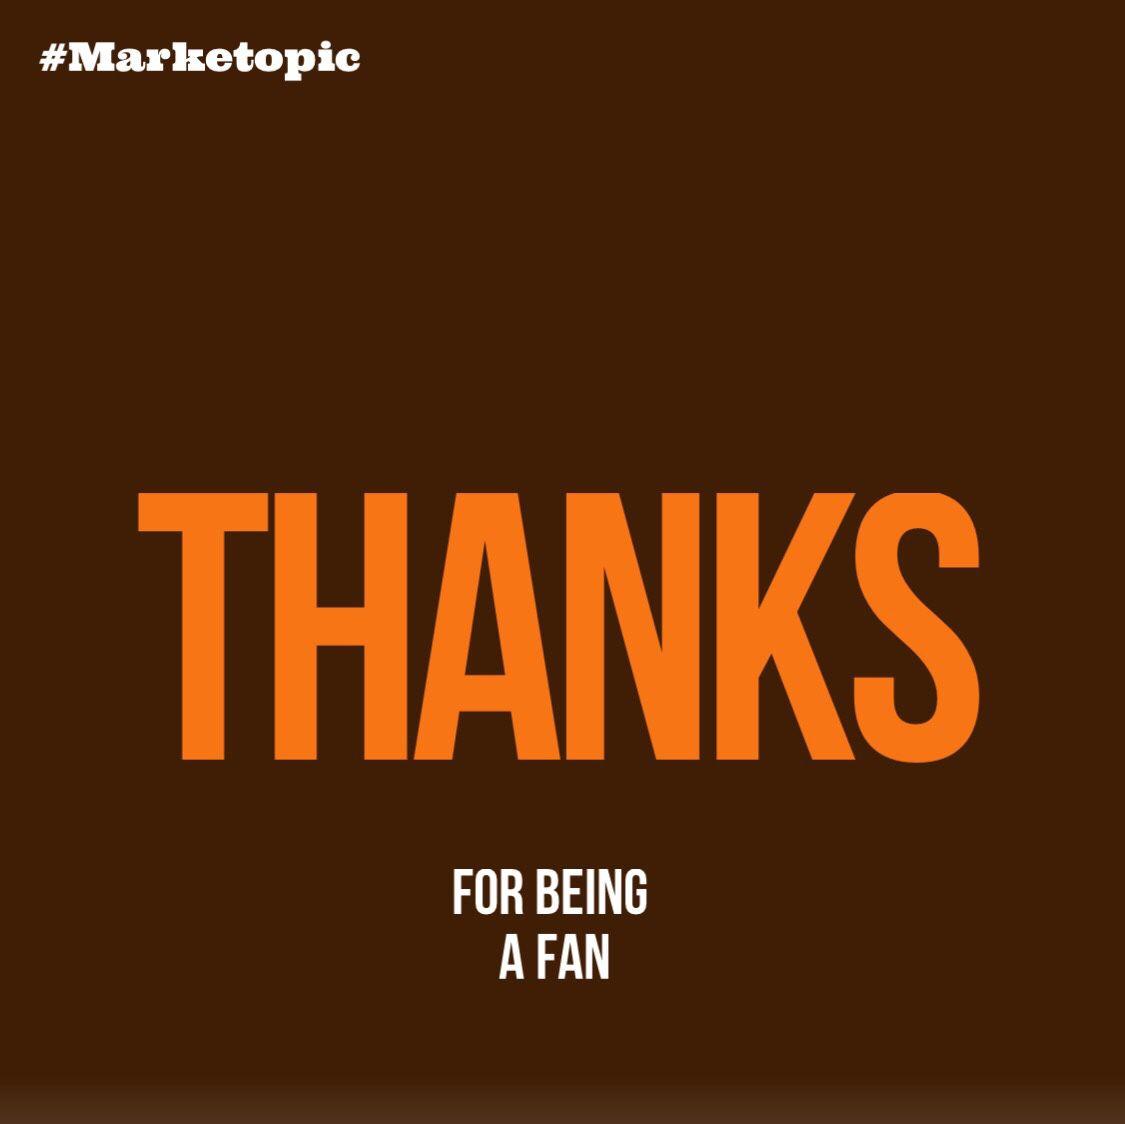 Marketopic Fans احنا دايما نحب نقولكم شكرا انكم جزء من الصفحه منورين Pics Calm Artwork Thankful